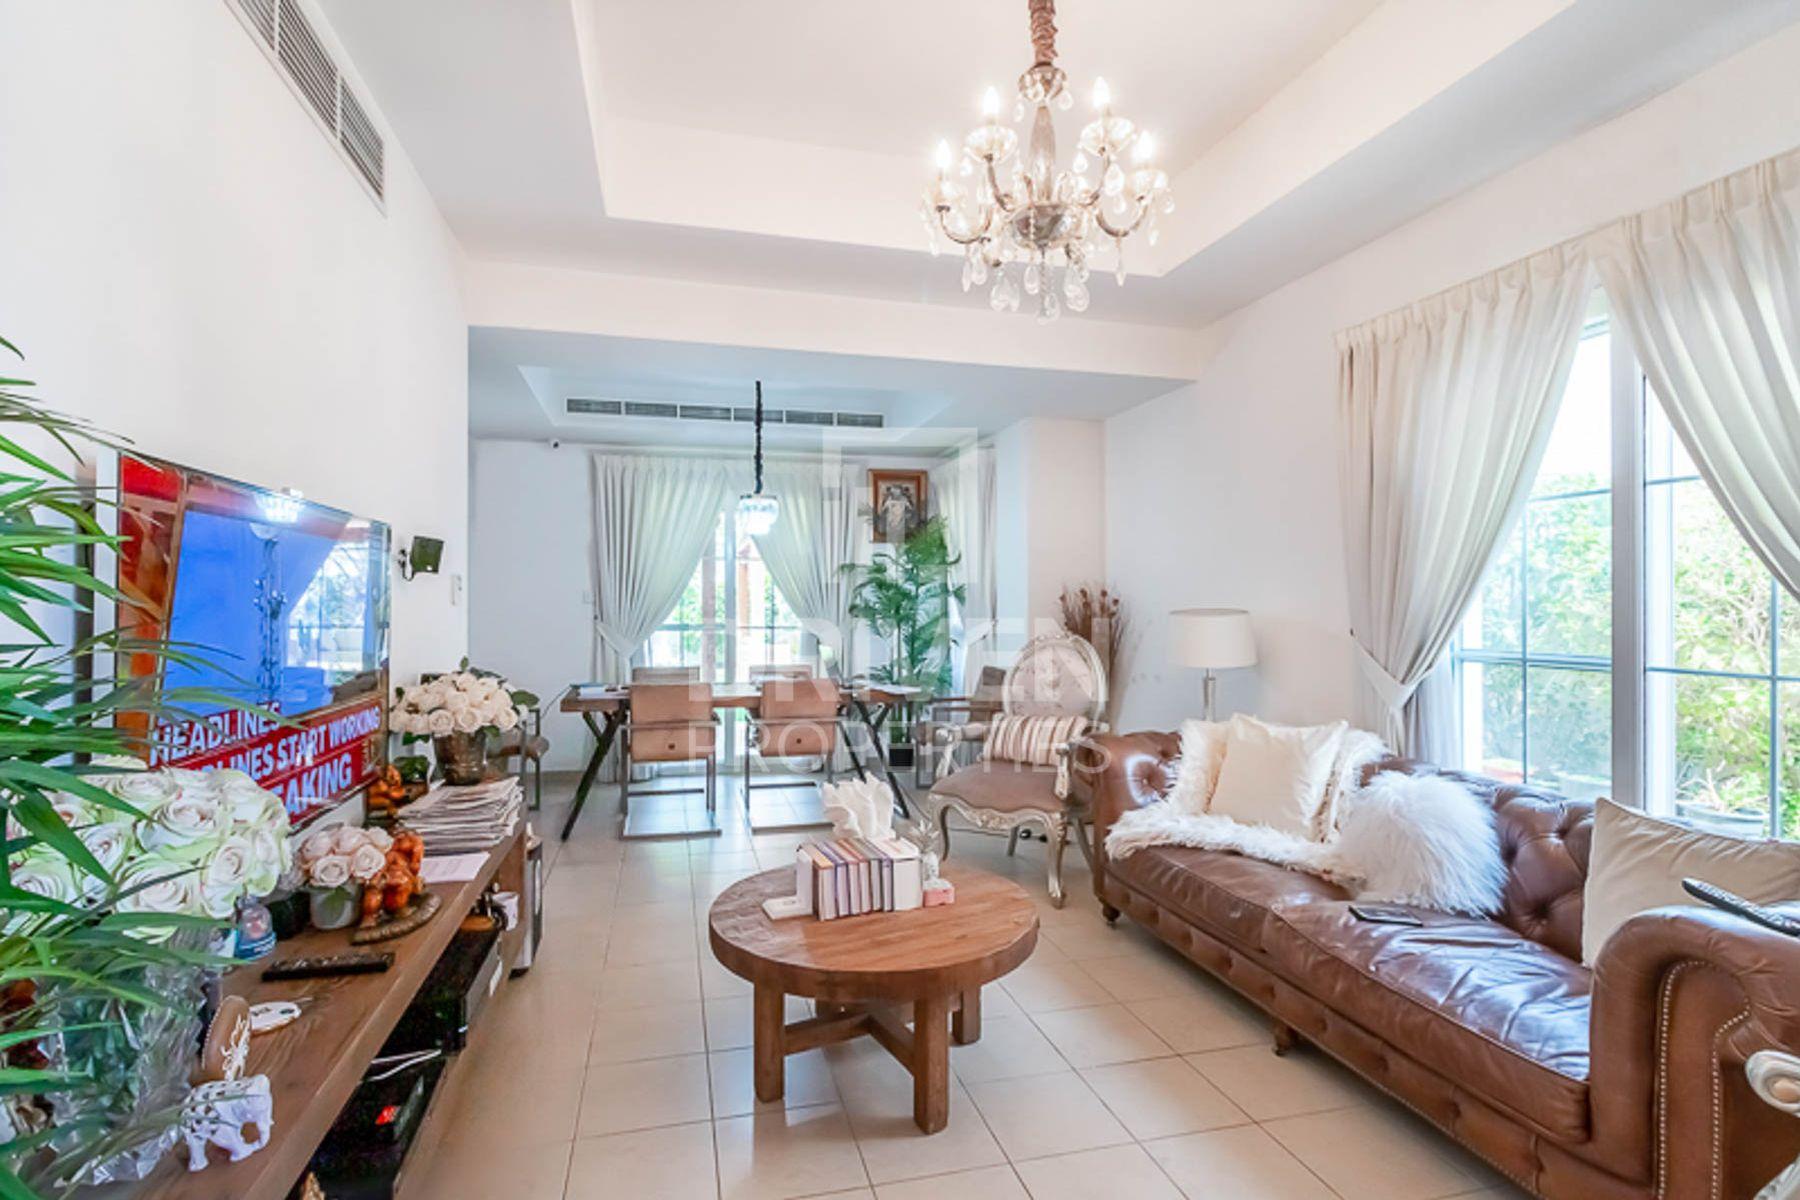 3 Bed Villa with Gazebo | 3 E and Corner